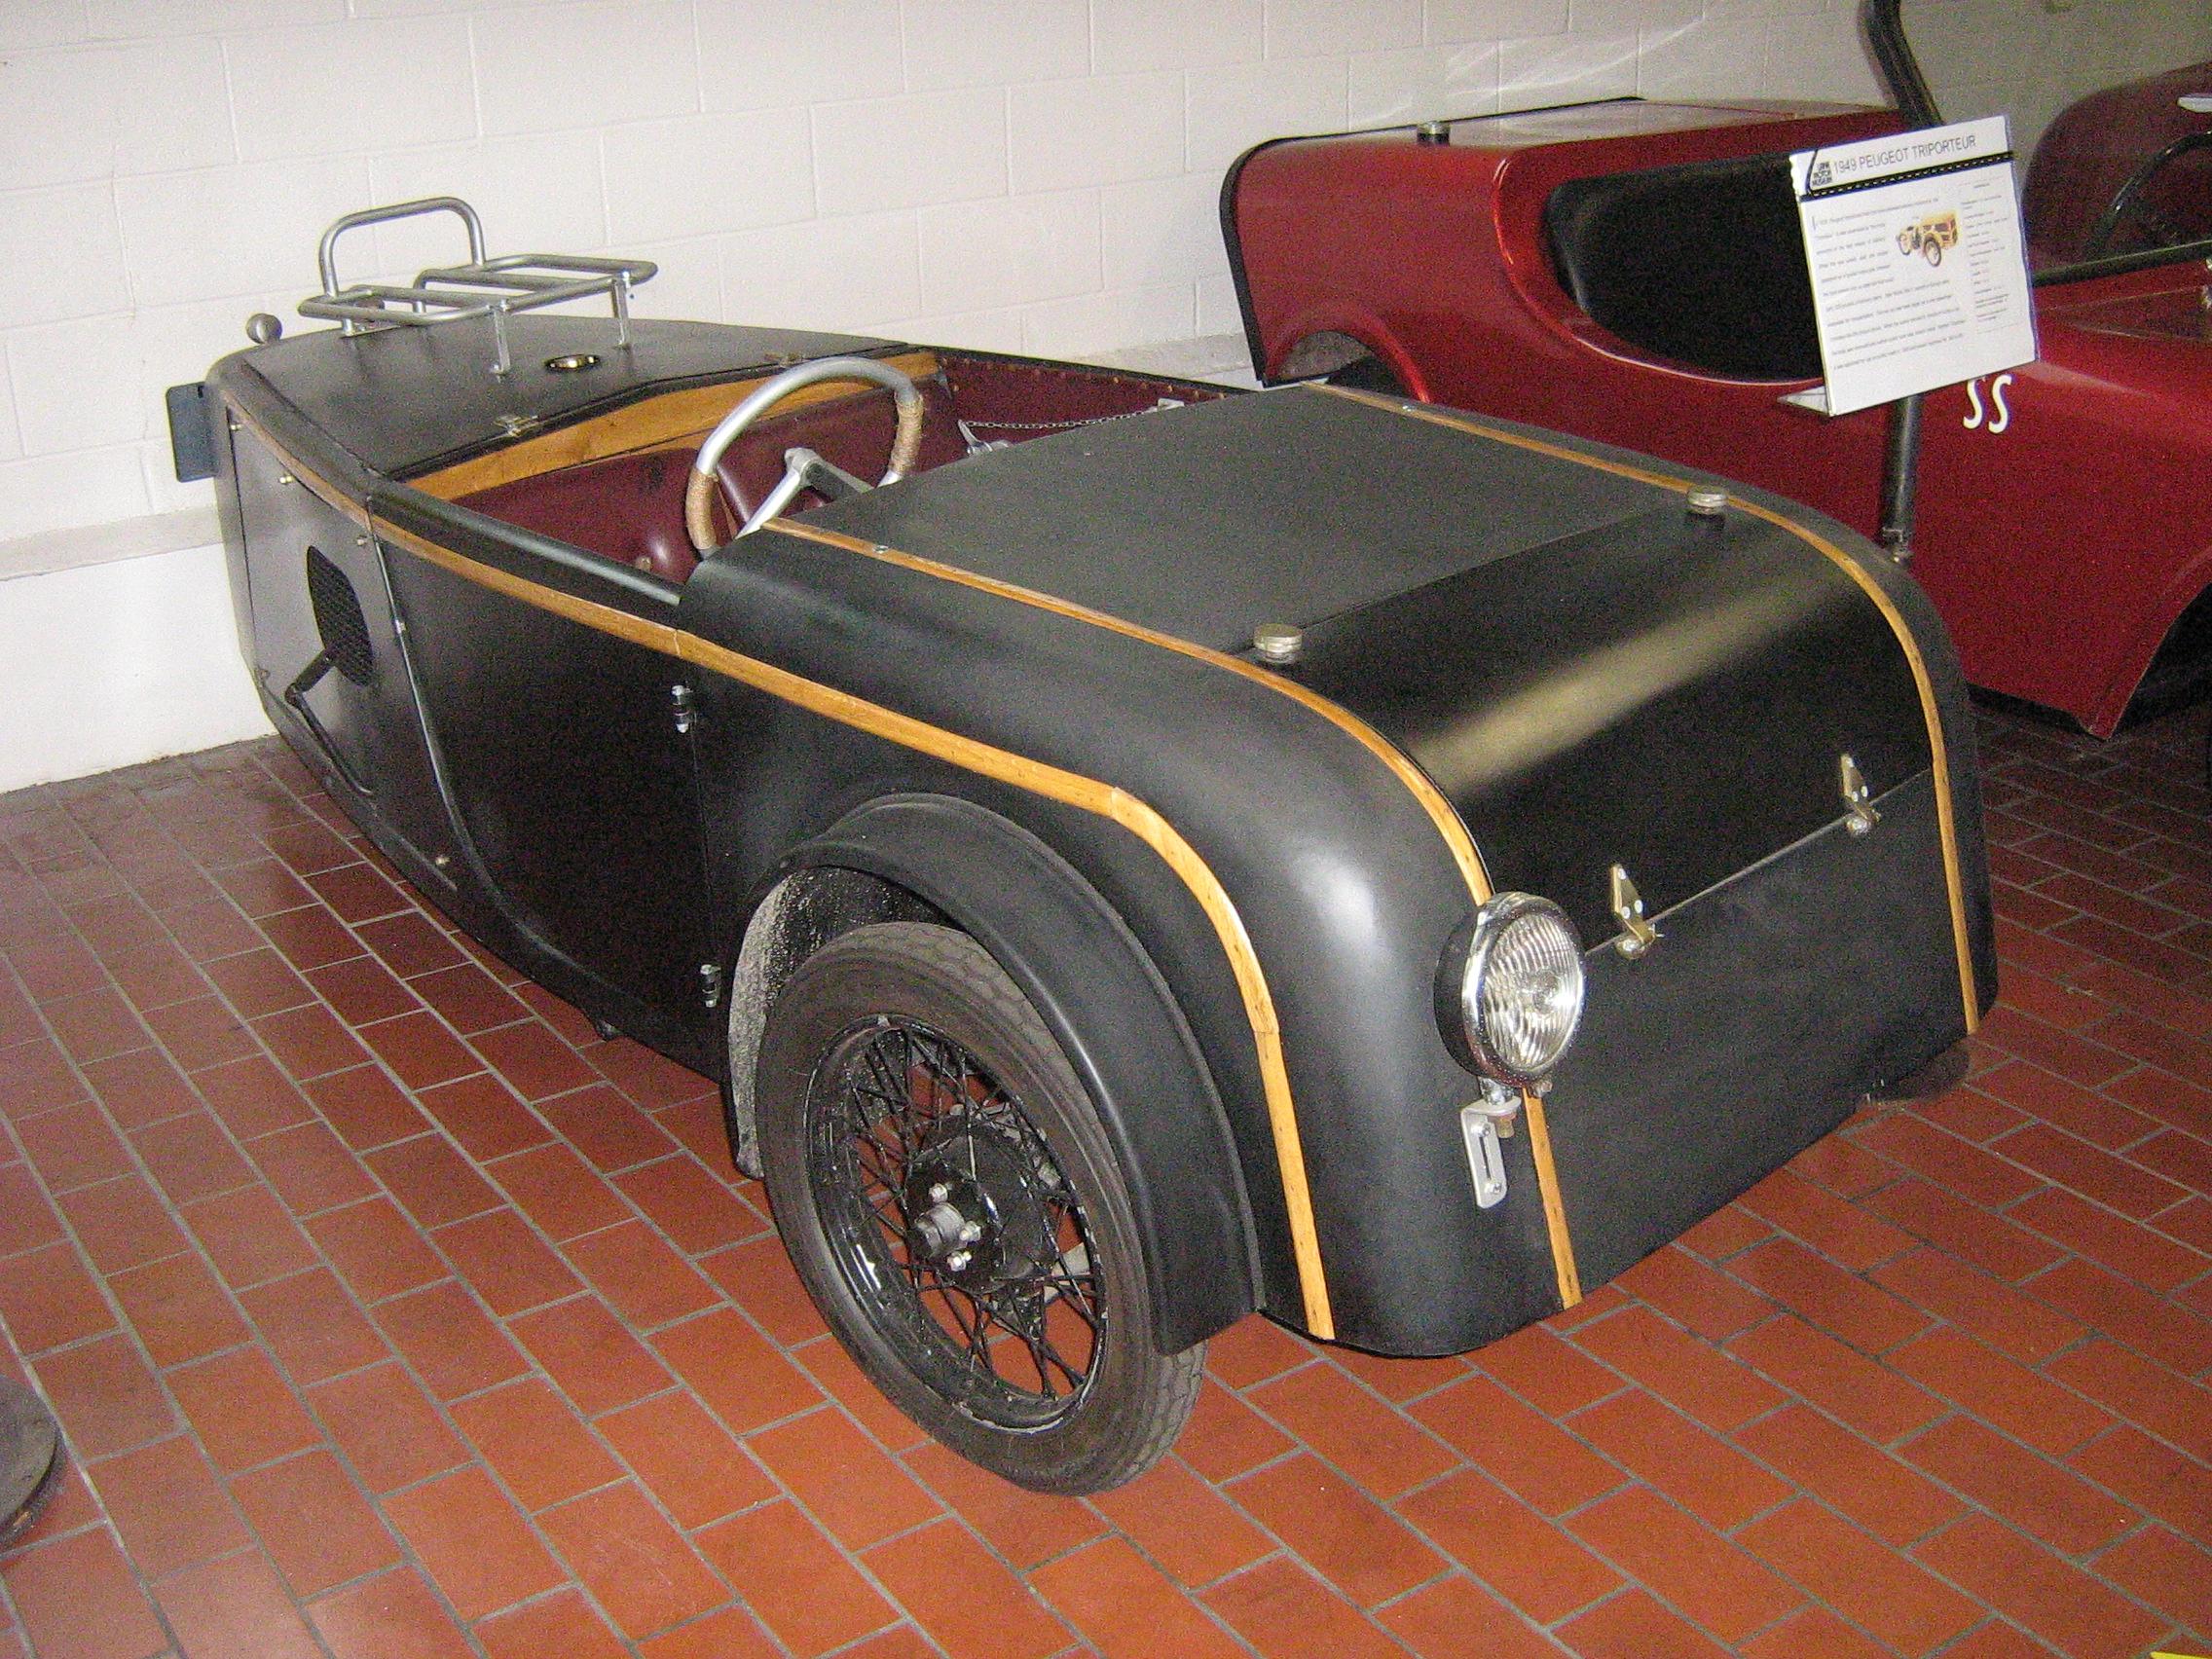 file 1949 peugeot triporteur custom body 3444114050. Black Bedroom Furniture Sets. Home Design Ideas